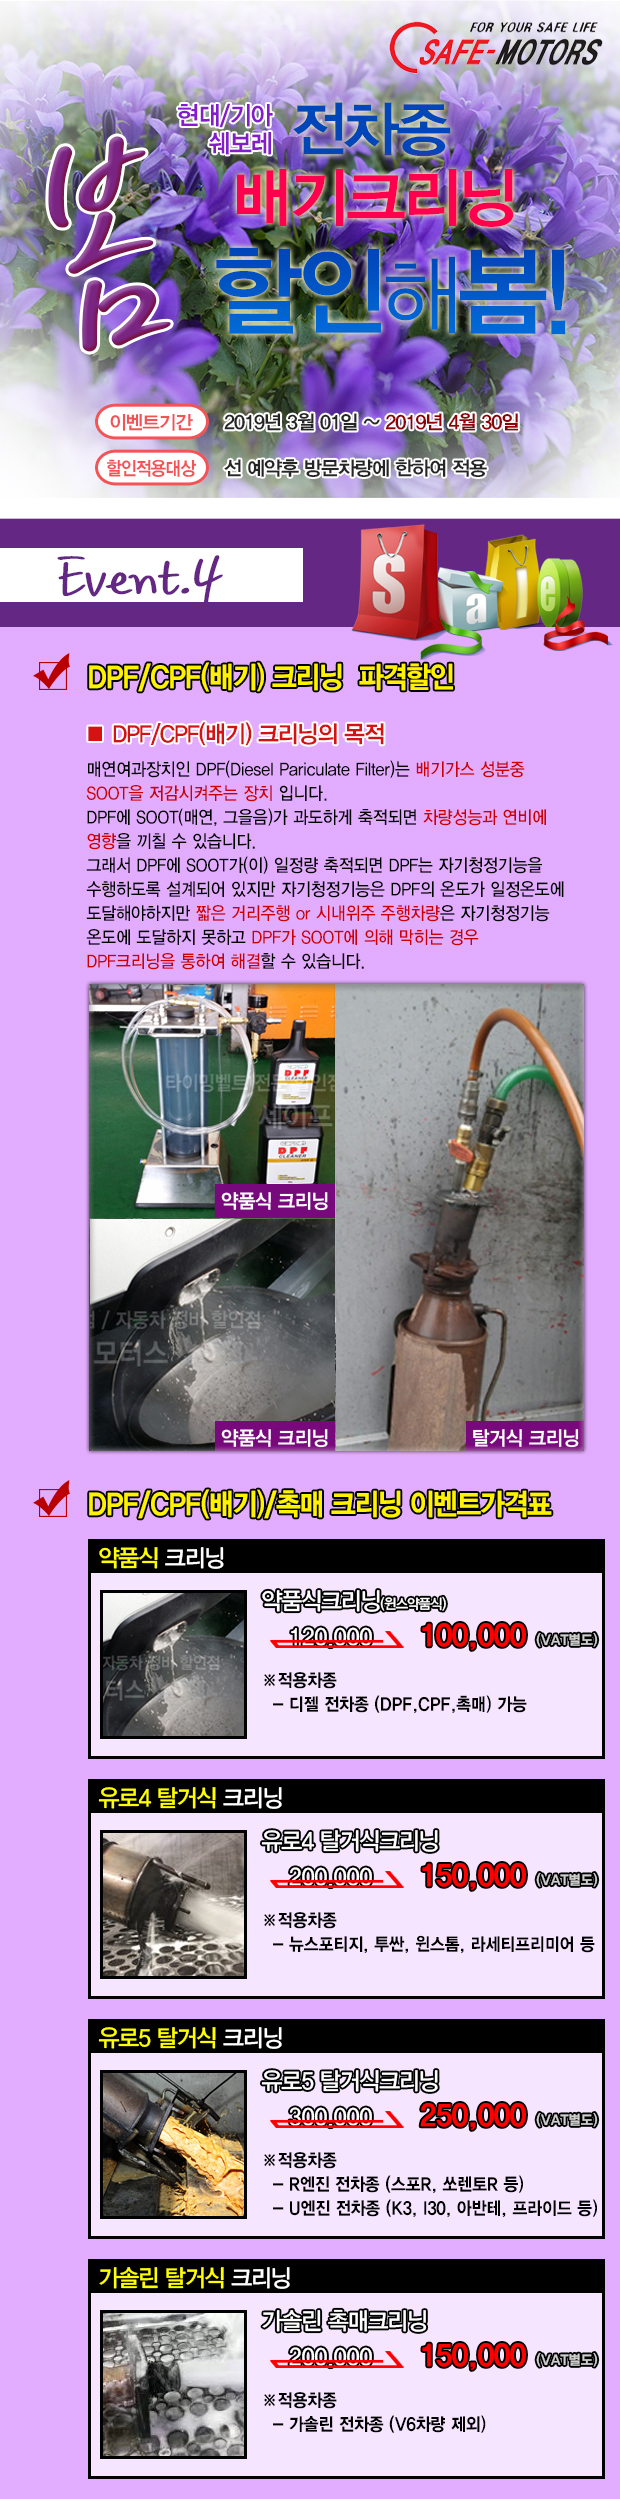 201903_봄맞이이벤트_4_배기크리닝.jpg